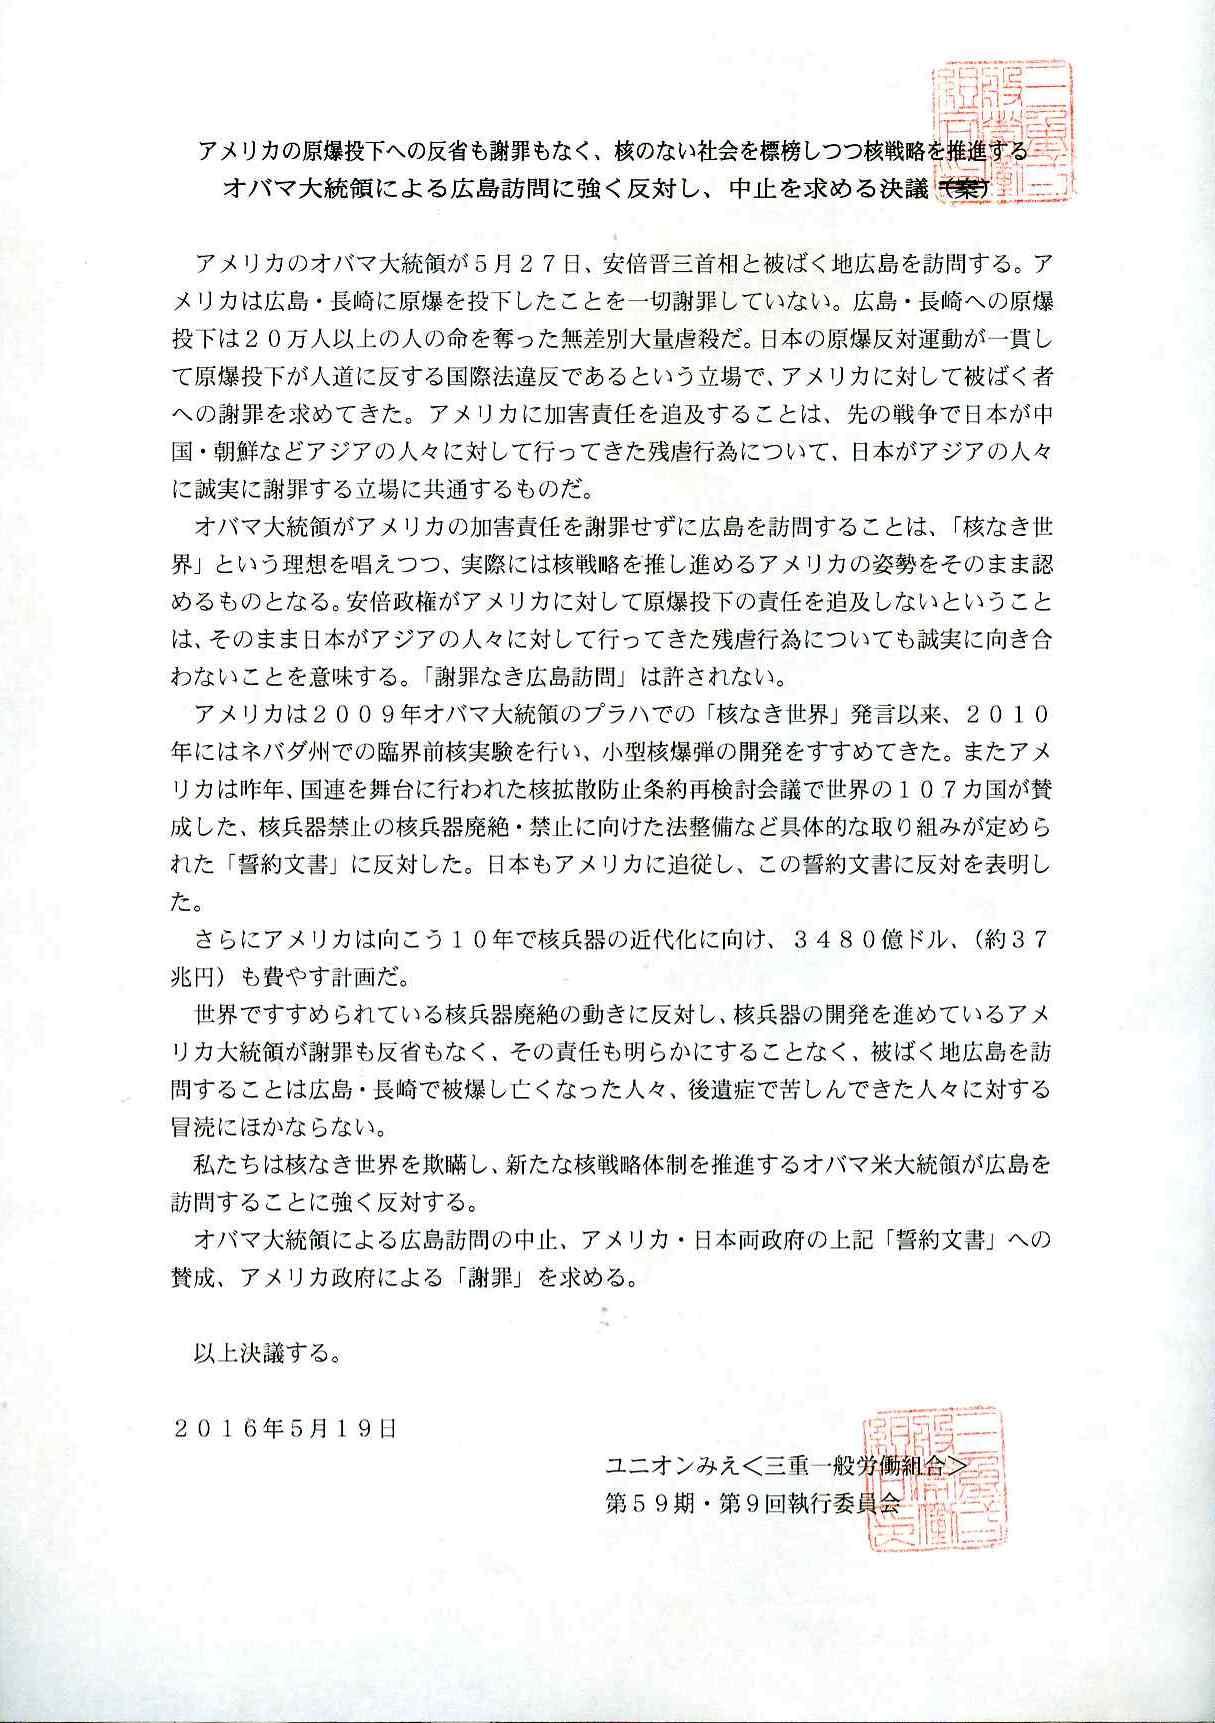 オバマ広島訪問決議文